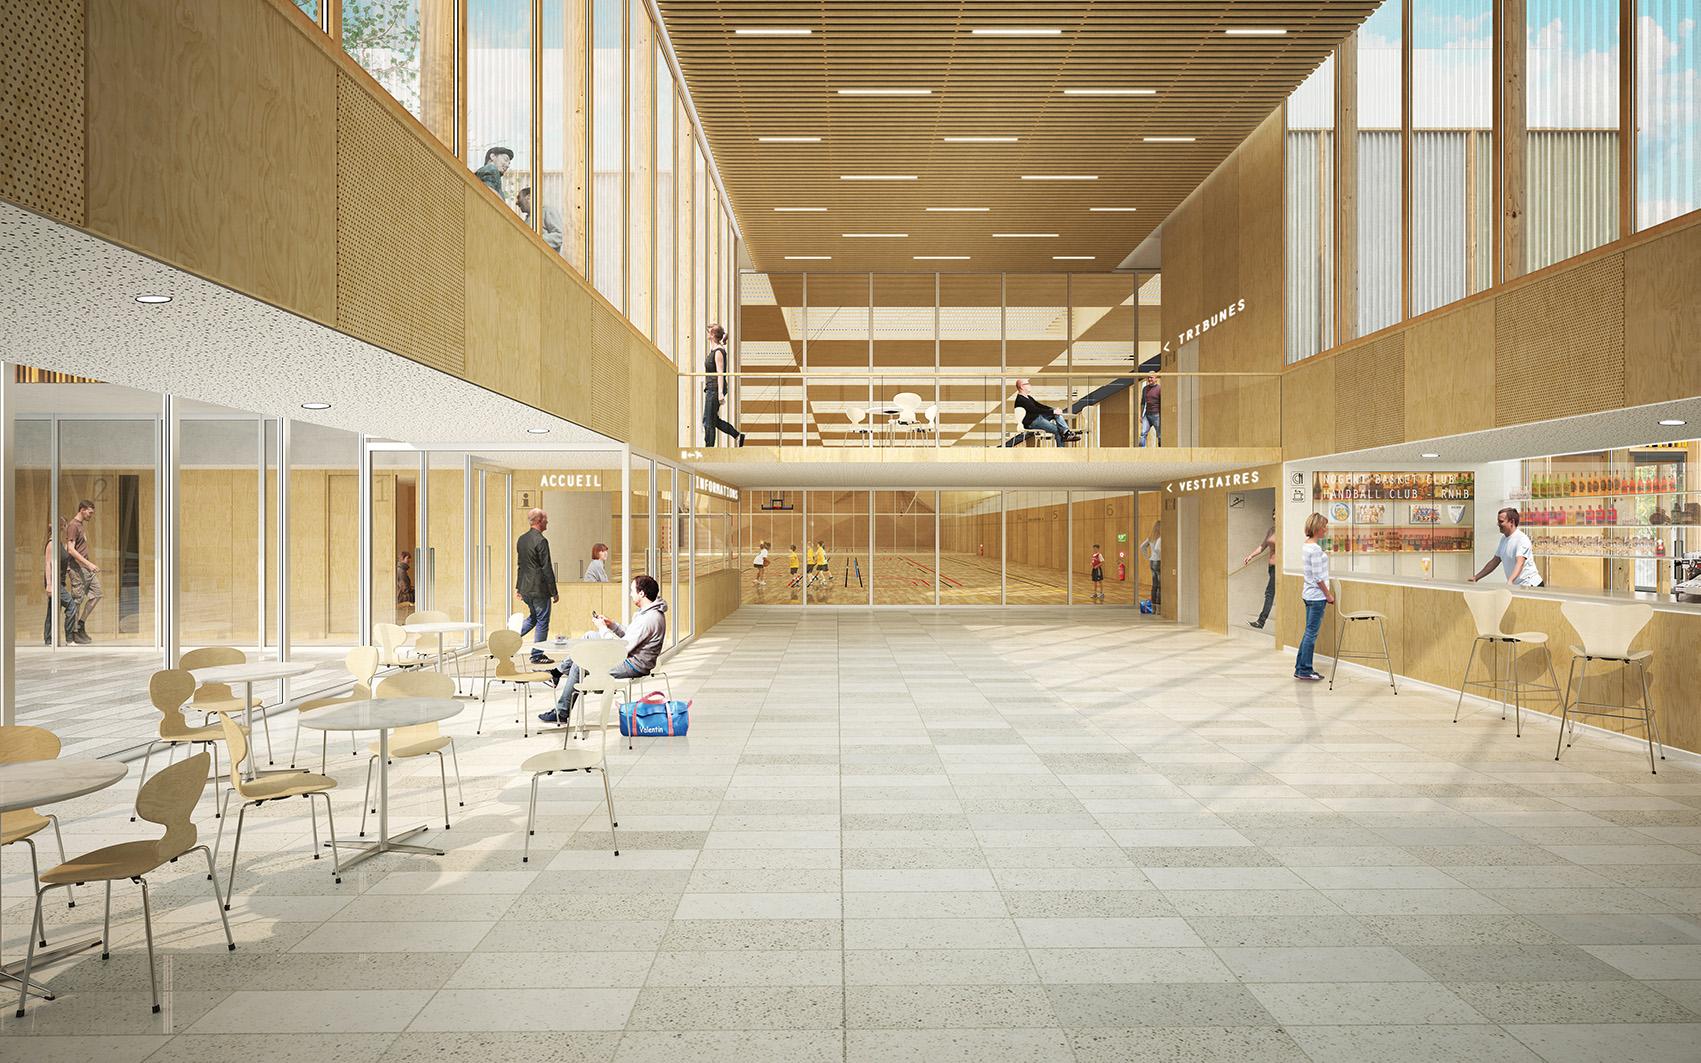 le futur gymnase de nogent sur marne en images 94 citoyens